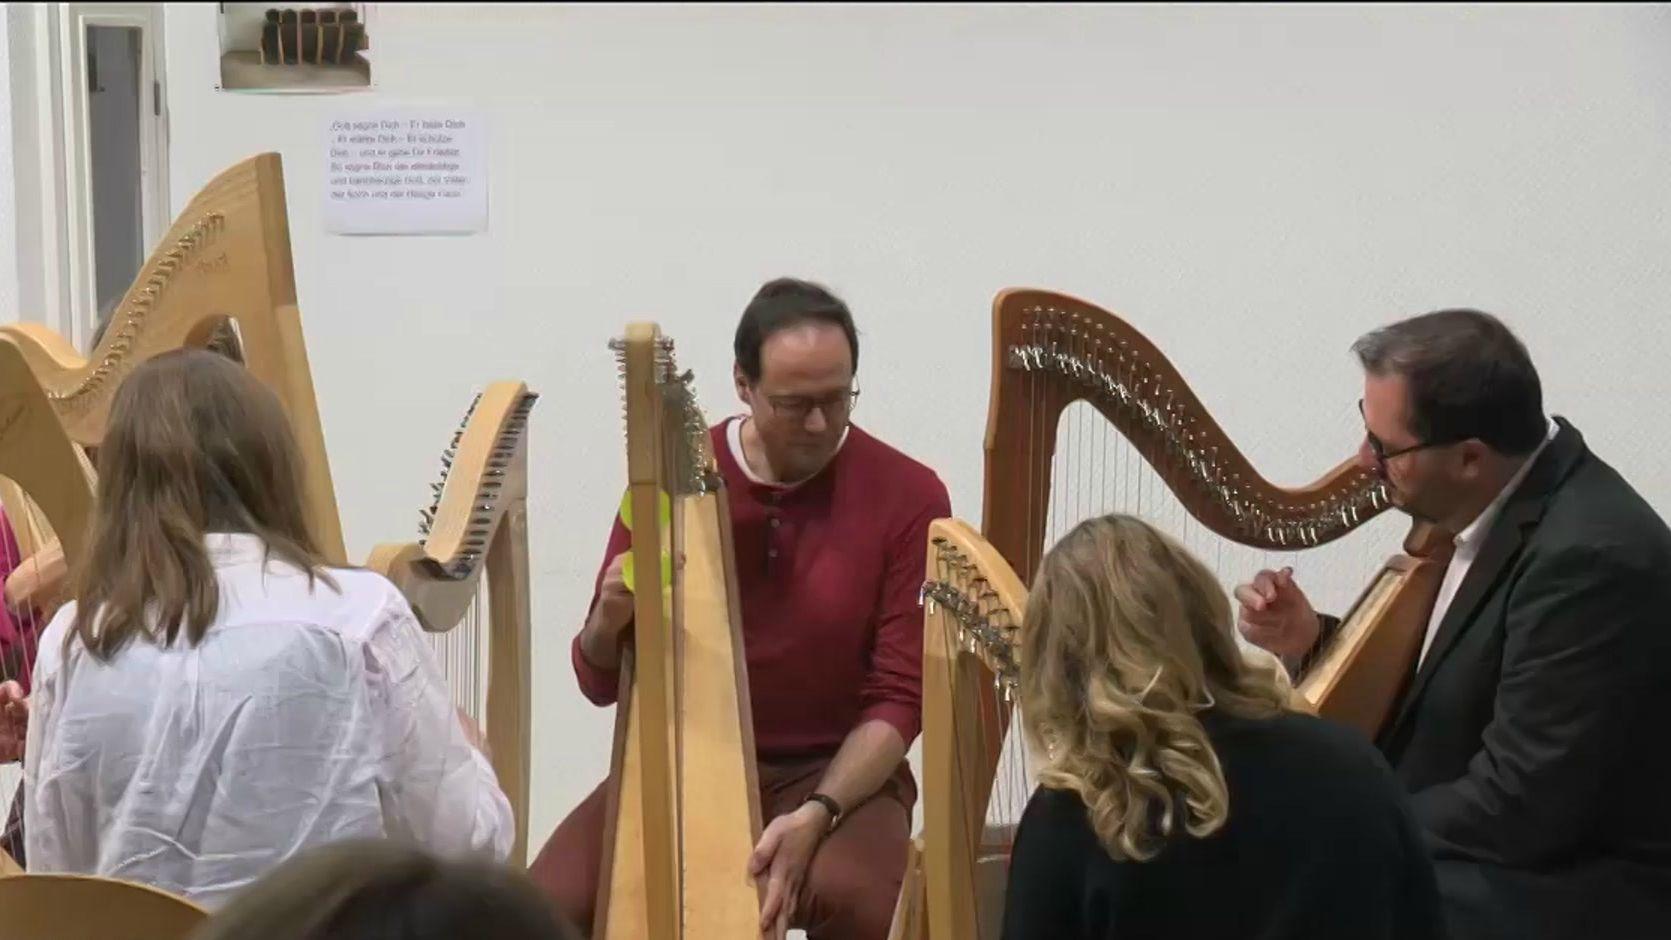 Gruppe von Harfenspielern sitzt im Kreis und spielt Johann Pachelbels Kanon in D-Dur